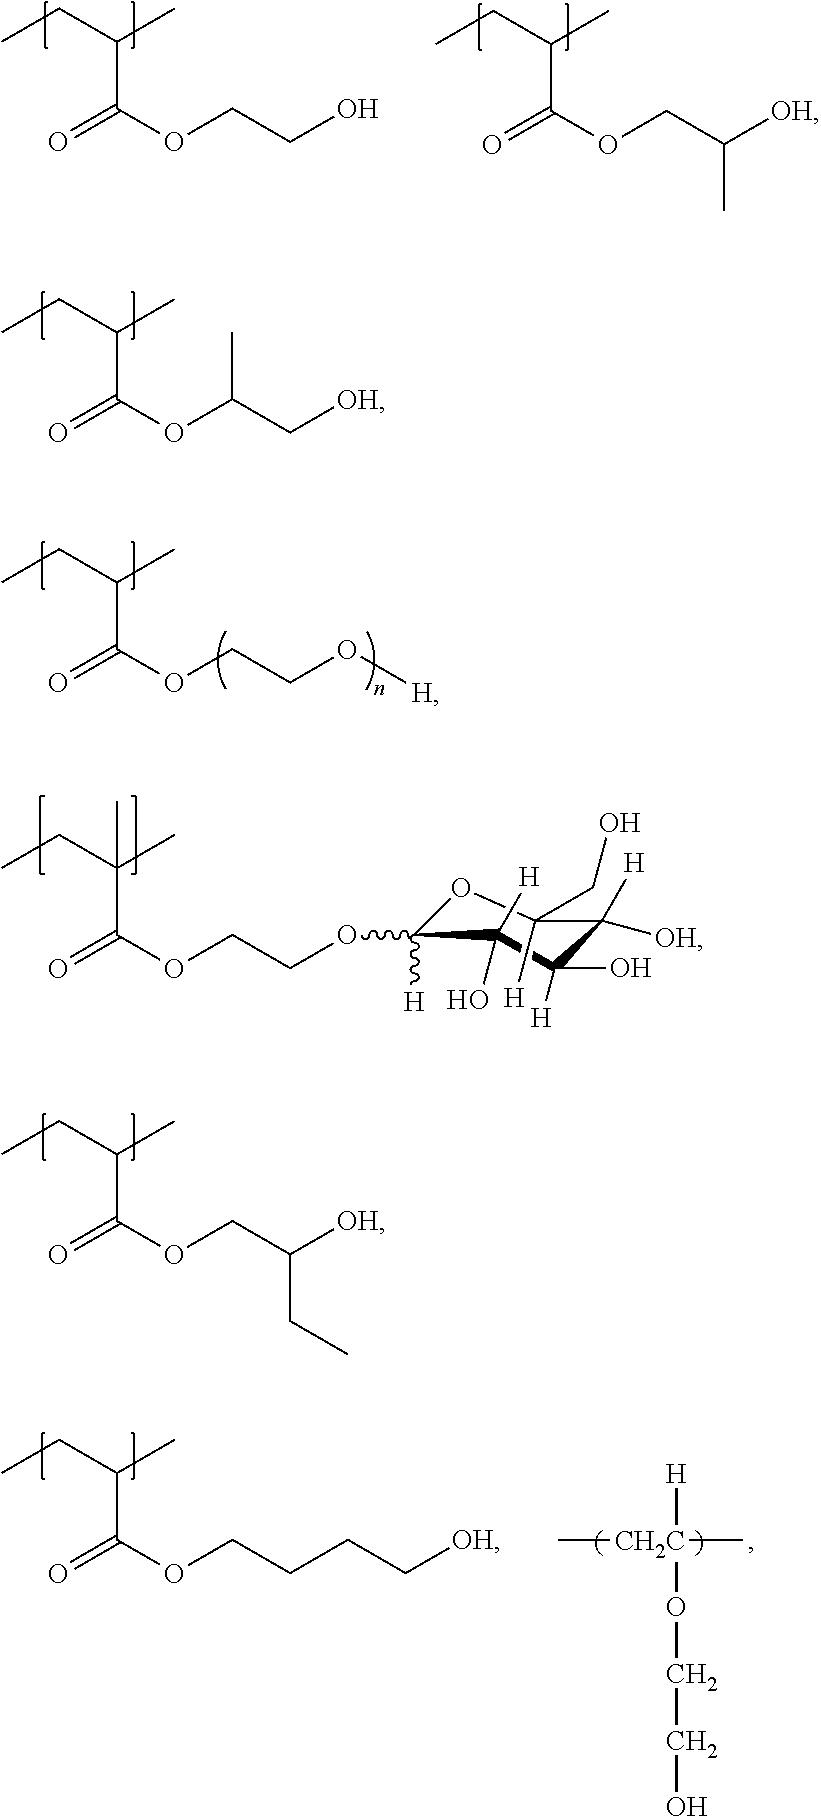 Figure US20110183852A1-20110728-C00004